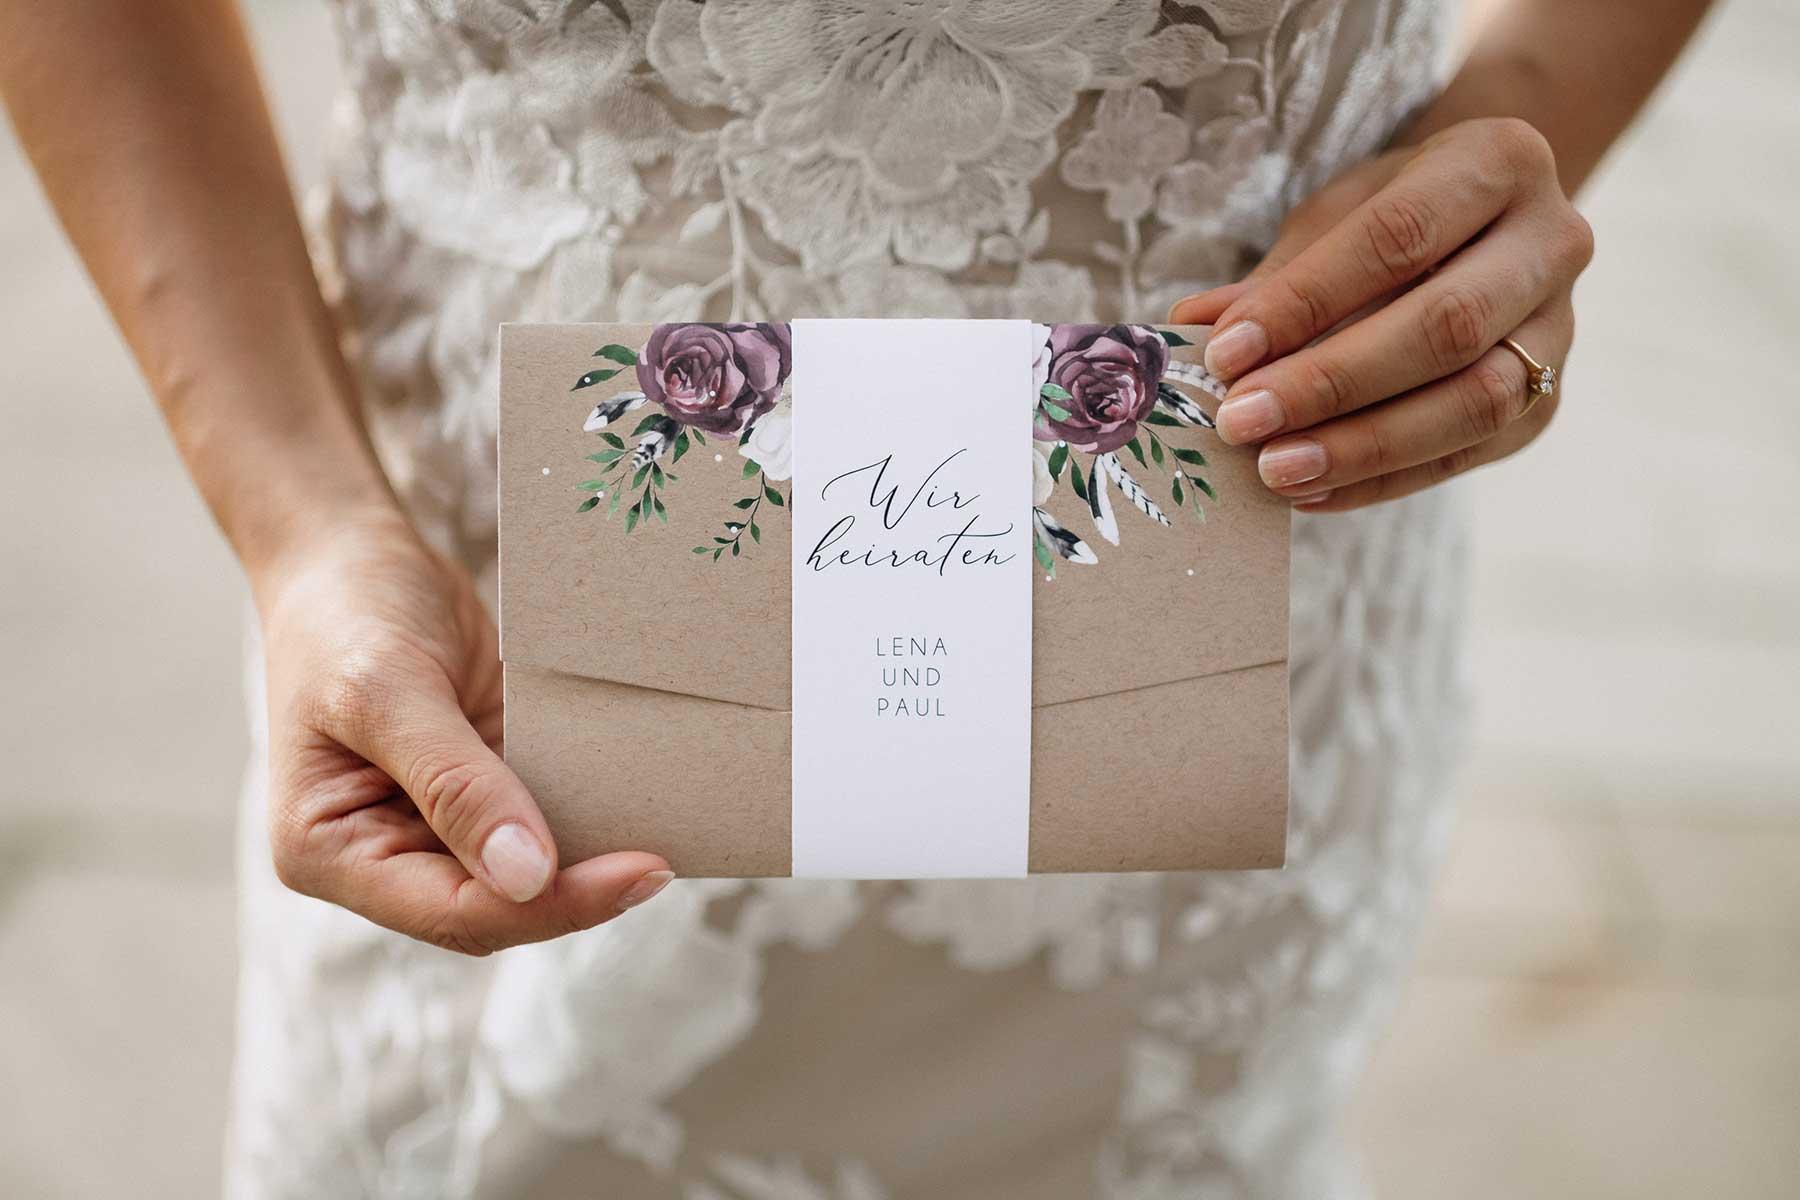 Braut hält Pocketfold Einladung zur Hochzeit in der Hand